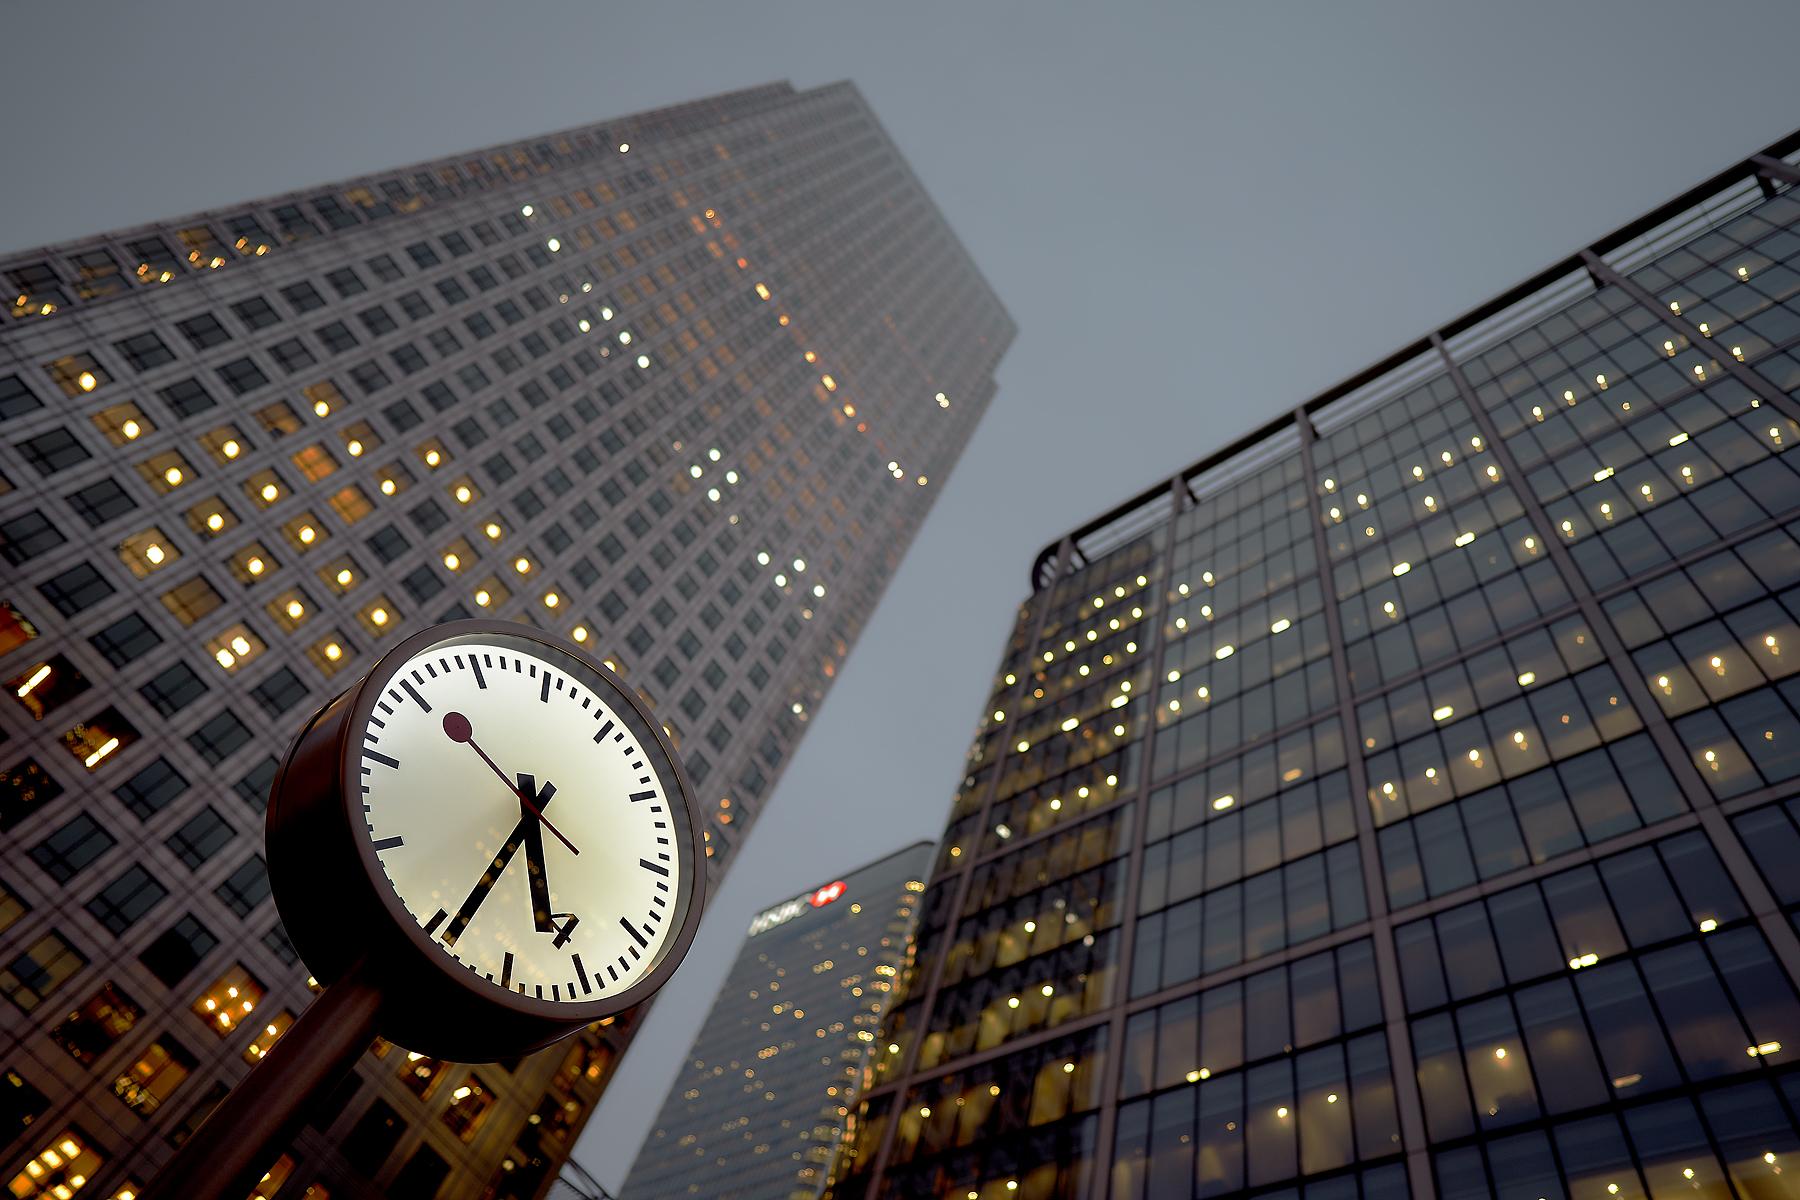 Canary Wharf Times